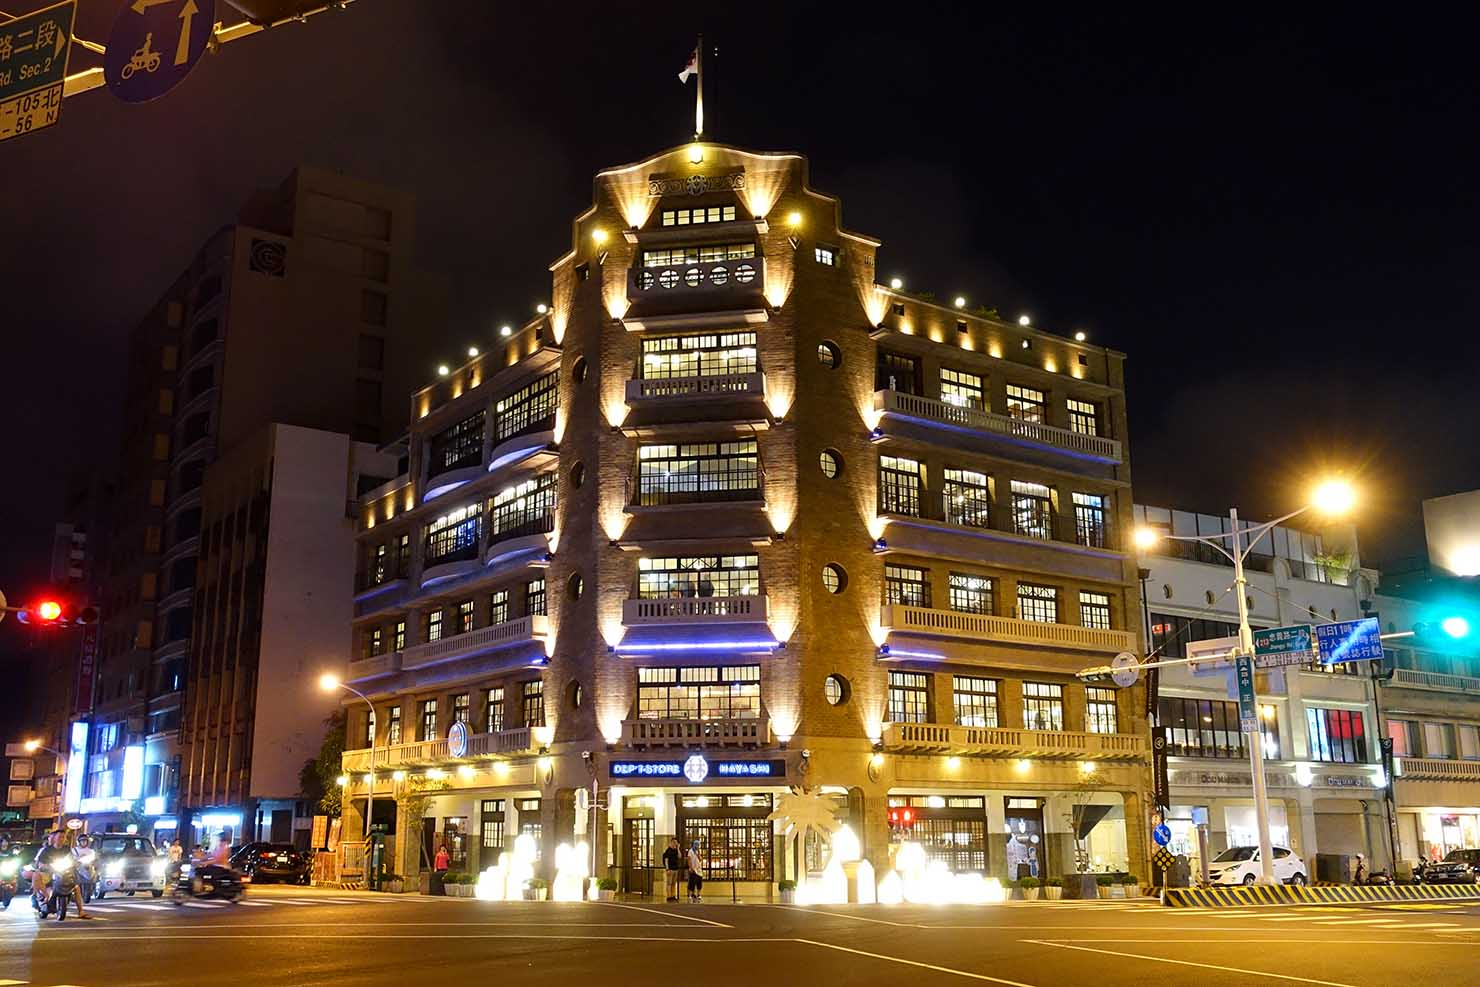 台湾の古都・台南のおすすめ観光スポット「林百貨」の外観